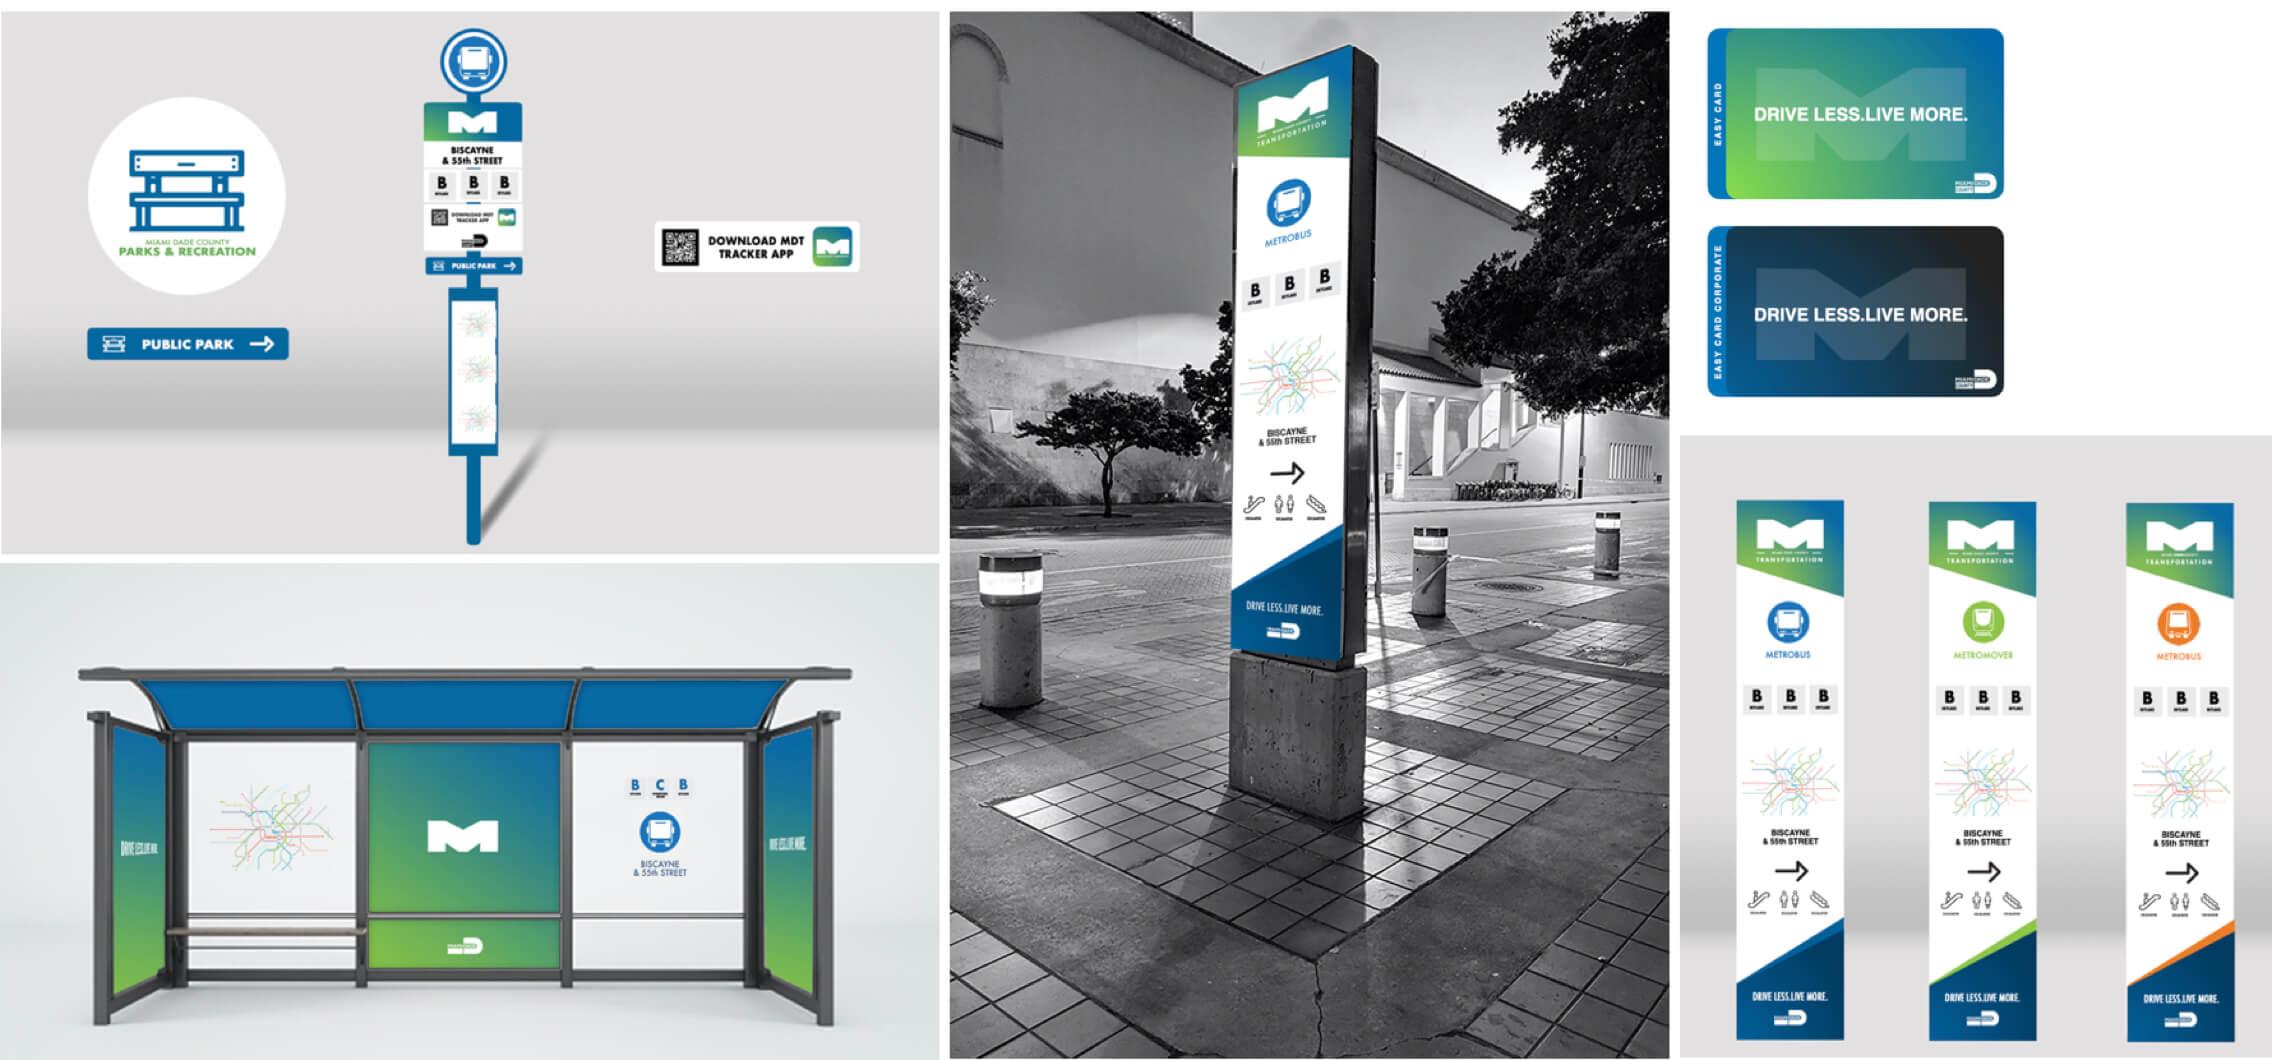 Miami Dade Transit Metro and Bus Stop Design